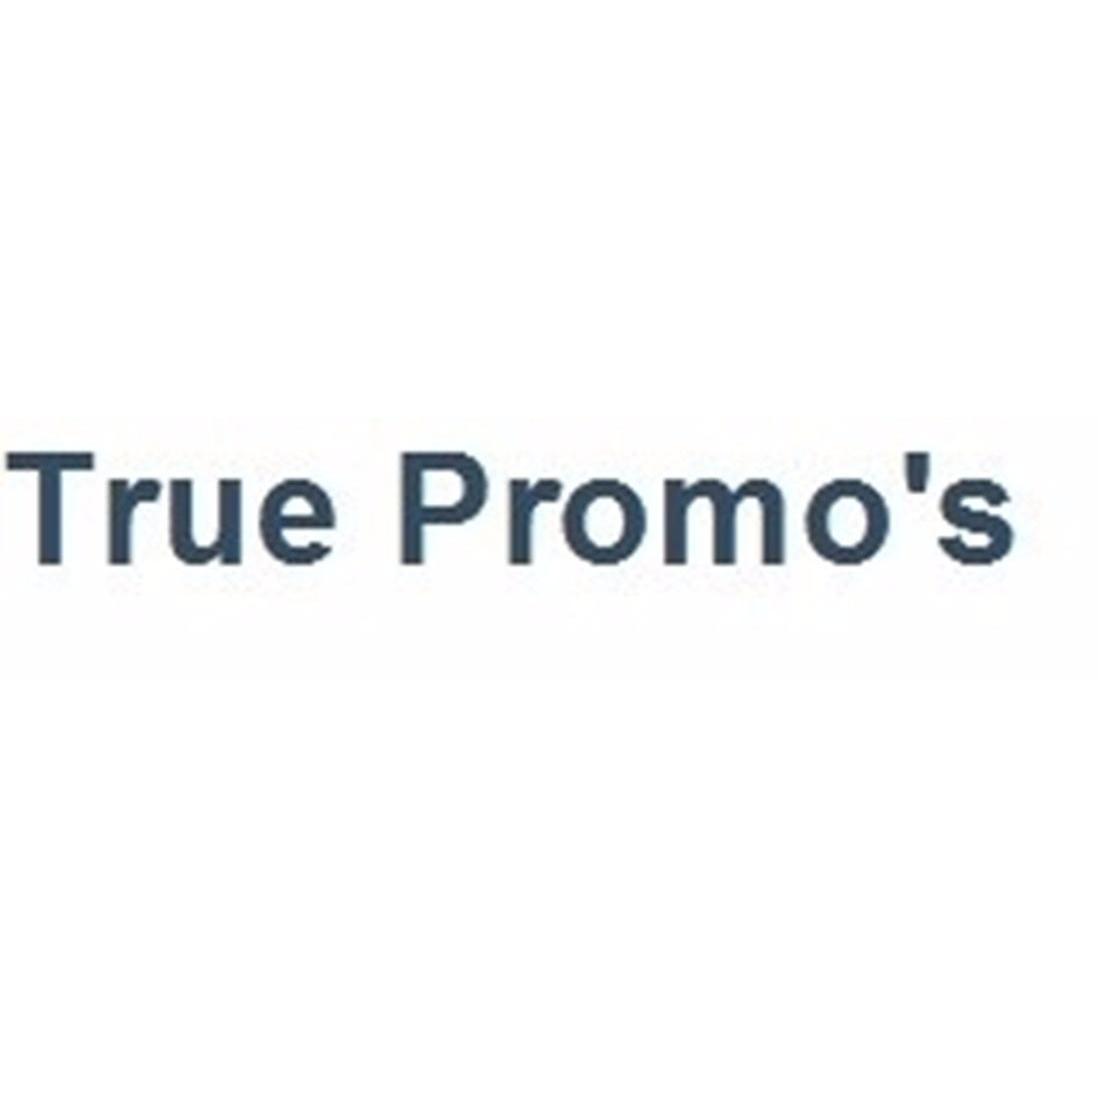 True Promo's